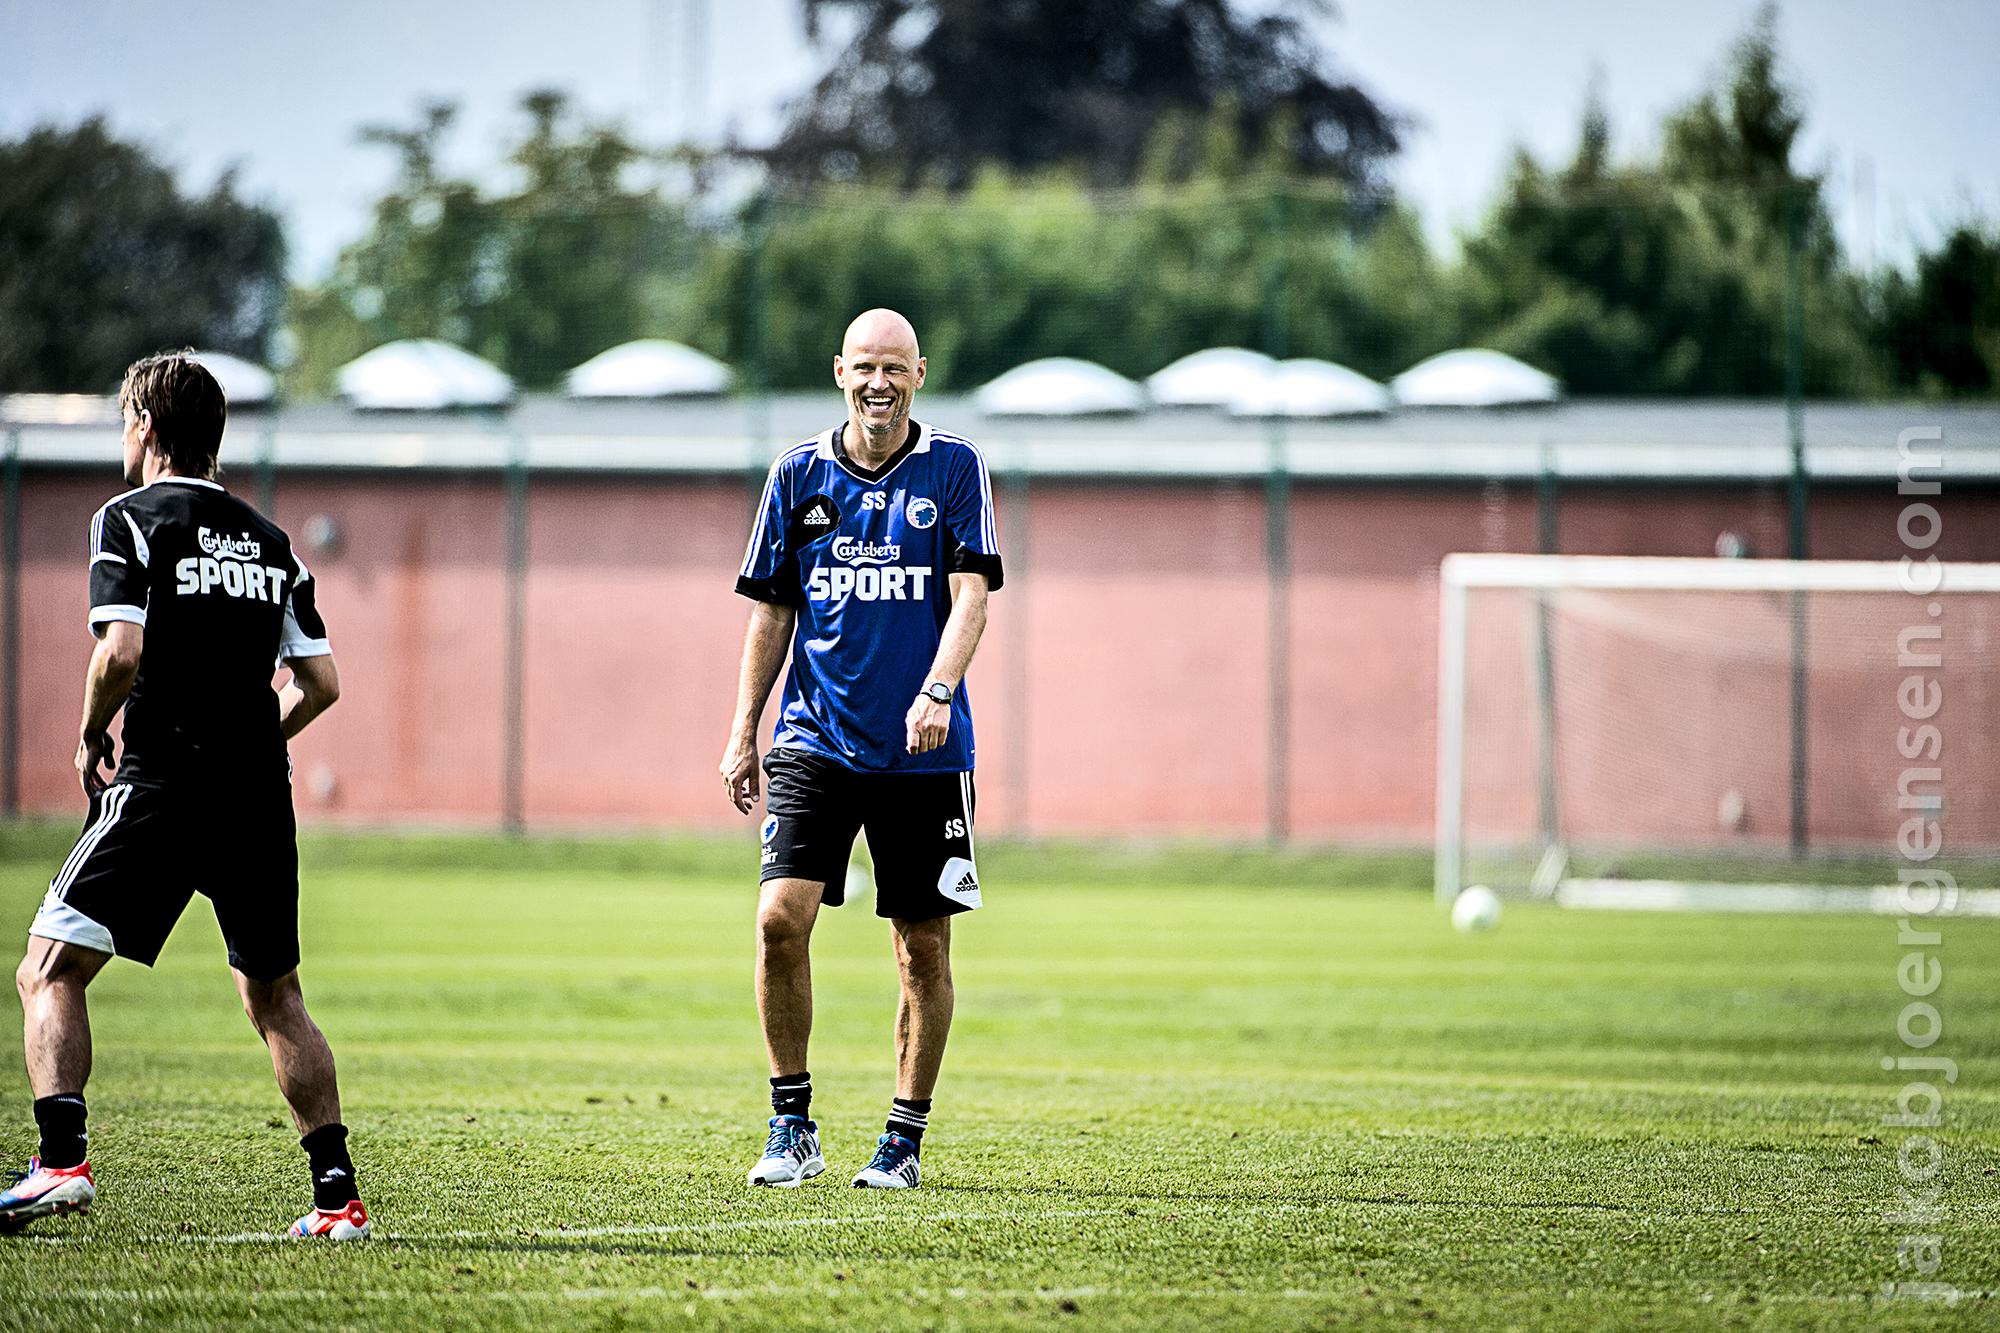 Ståle virkede vældig fornøjet med at være tilbage. Han brugte en del tid på at hilse på nye og gamle ansigter i FCK under dagens træning.